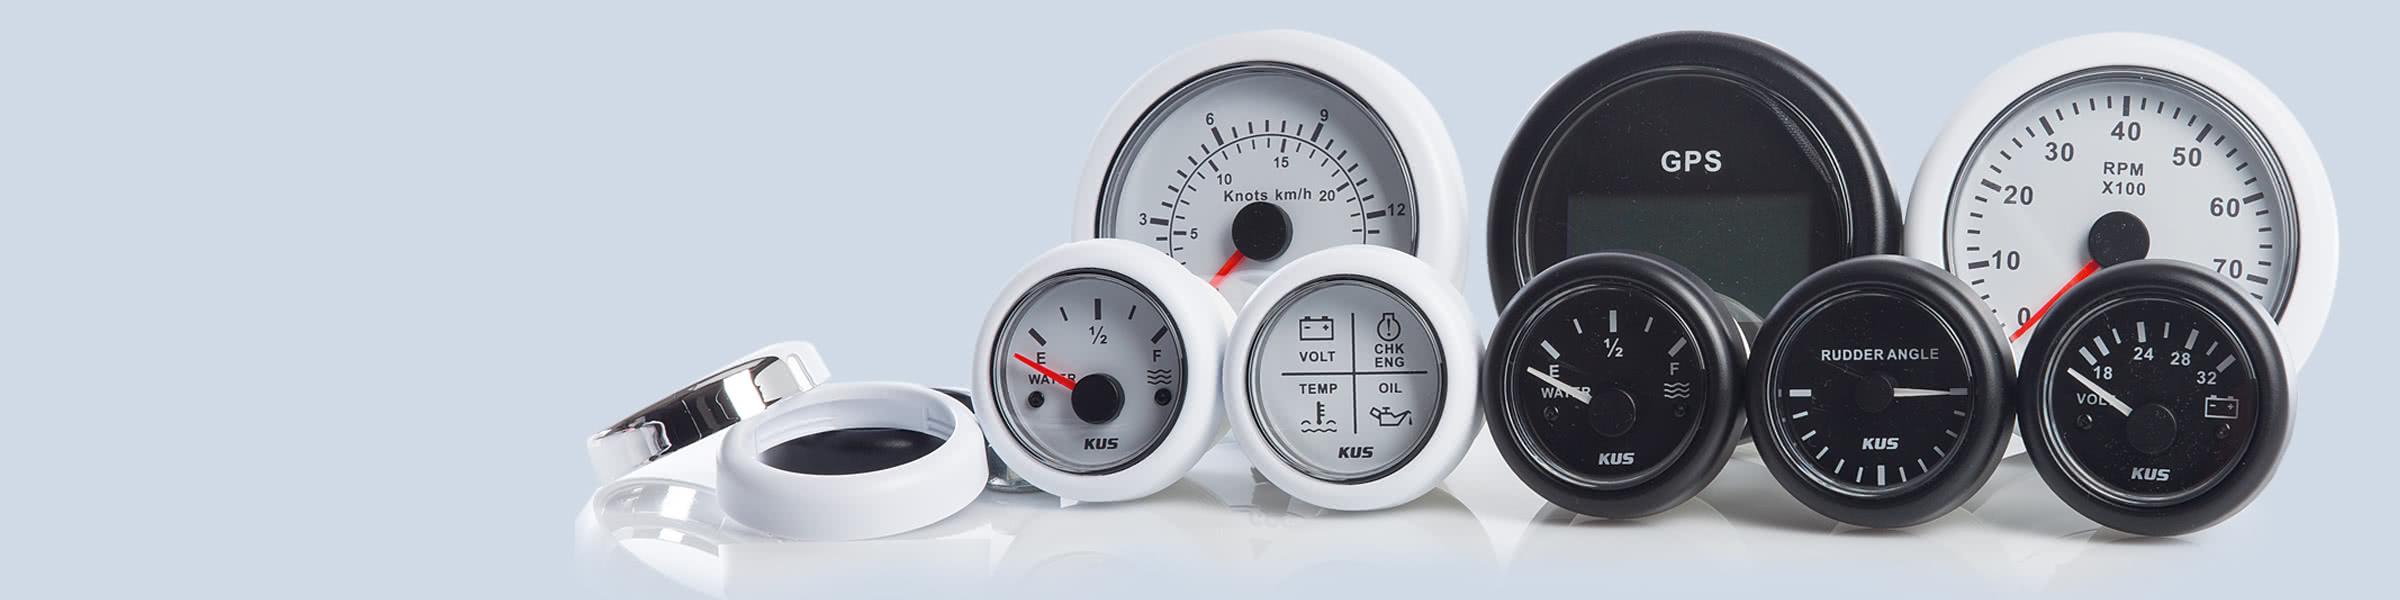 New: KUS engine instrumentation